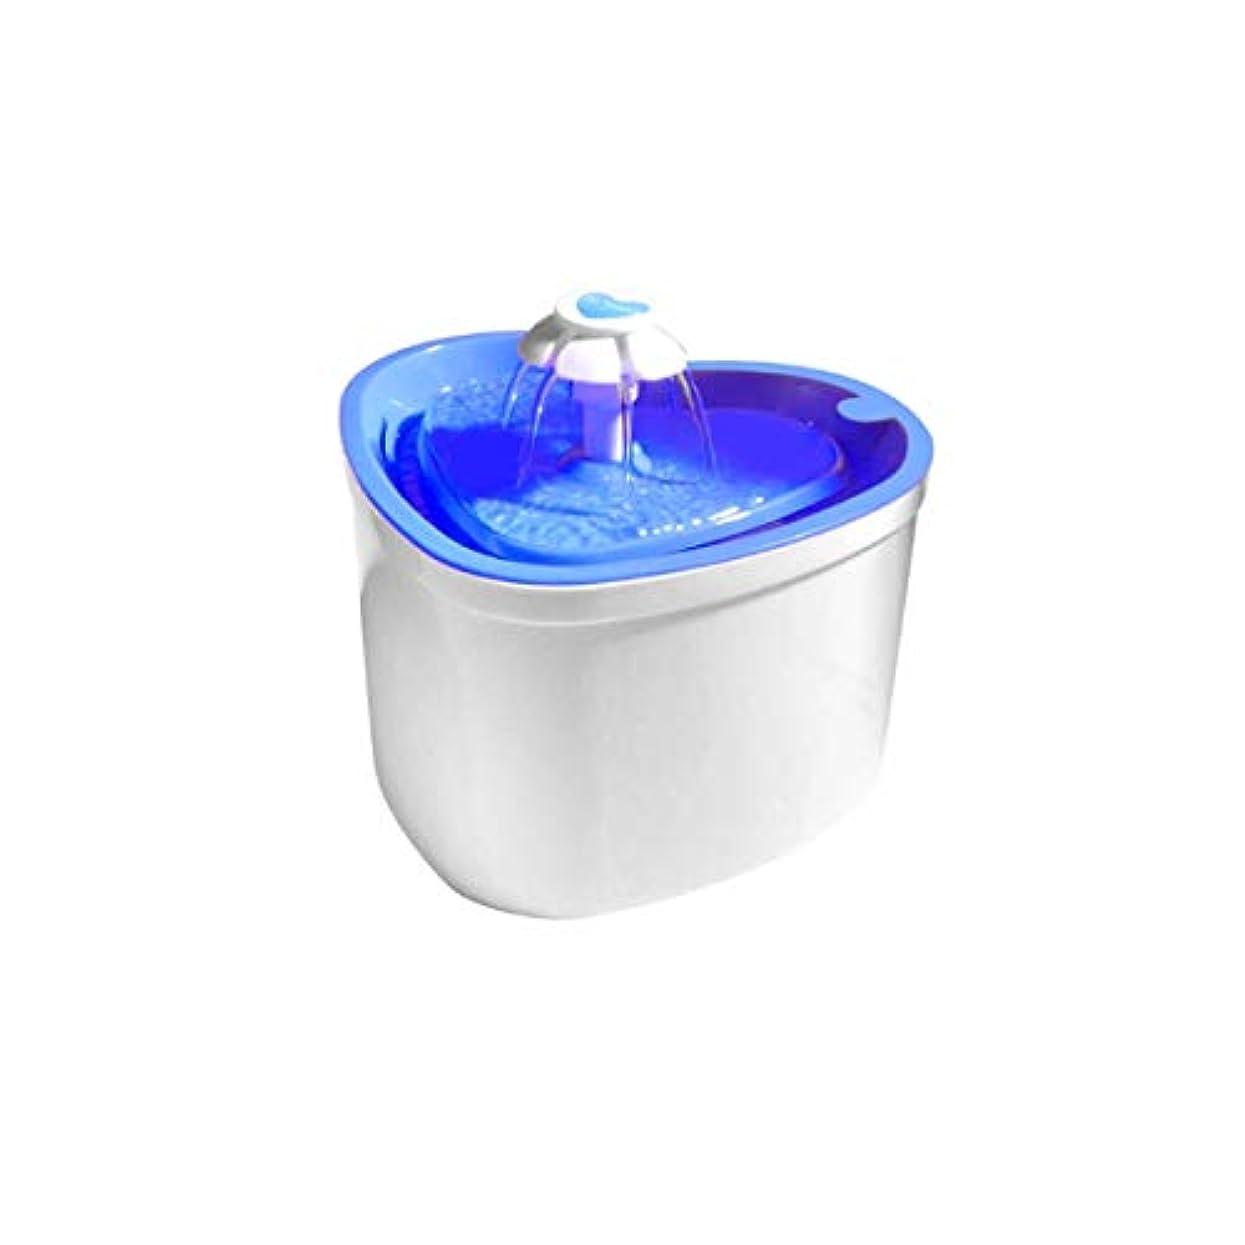 選出する願う限界Xian ペット大容量電気ウォーターディスペンサー、ペットウォーターフィルター、噴水ディスペンサー、ドッグフィルター飲む噴水、猫ウォーターディスペンサー、自動循環小型ペットウォーターディスペンサー、モバイルウォーターディスペンサー Easy to Clean Non-Skid Bowls for Dogs